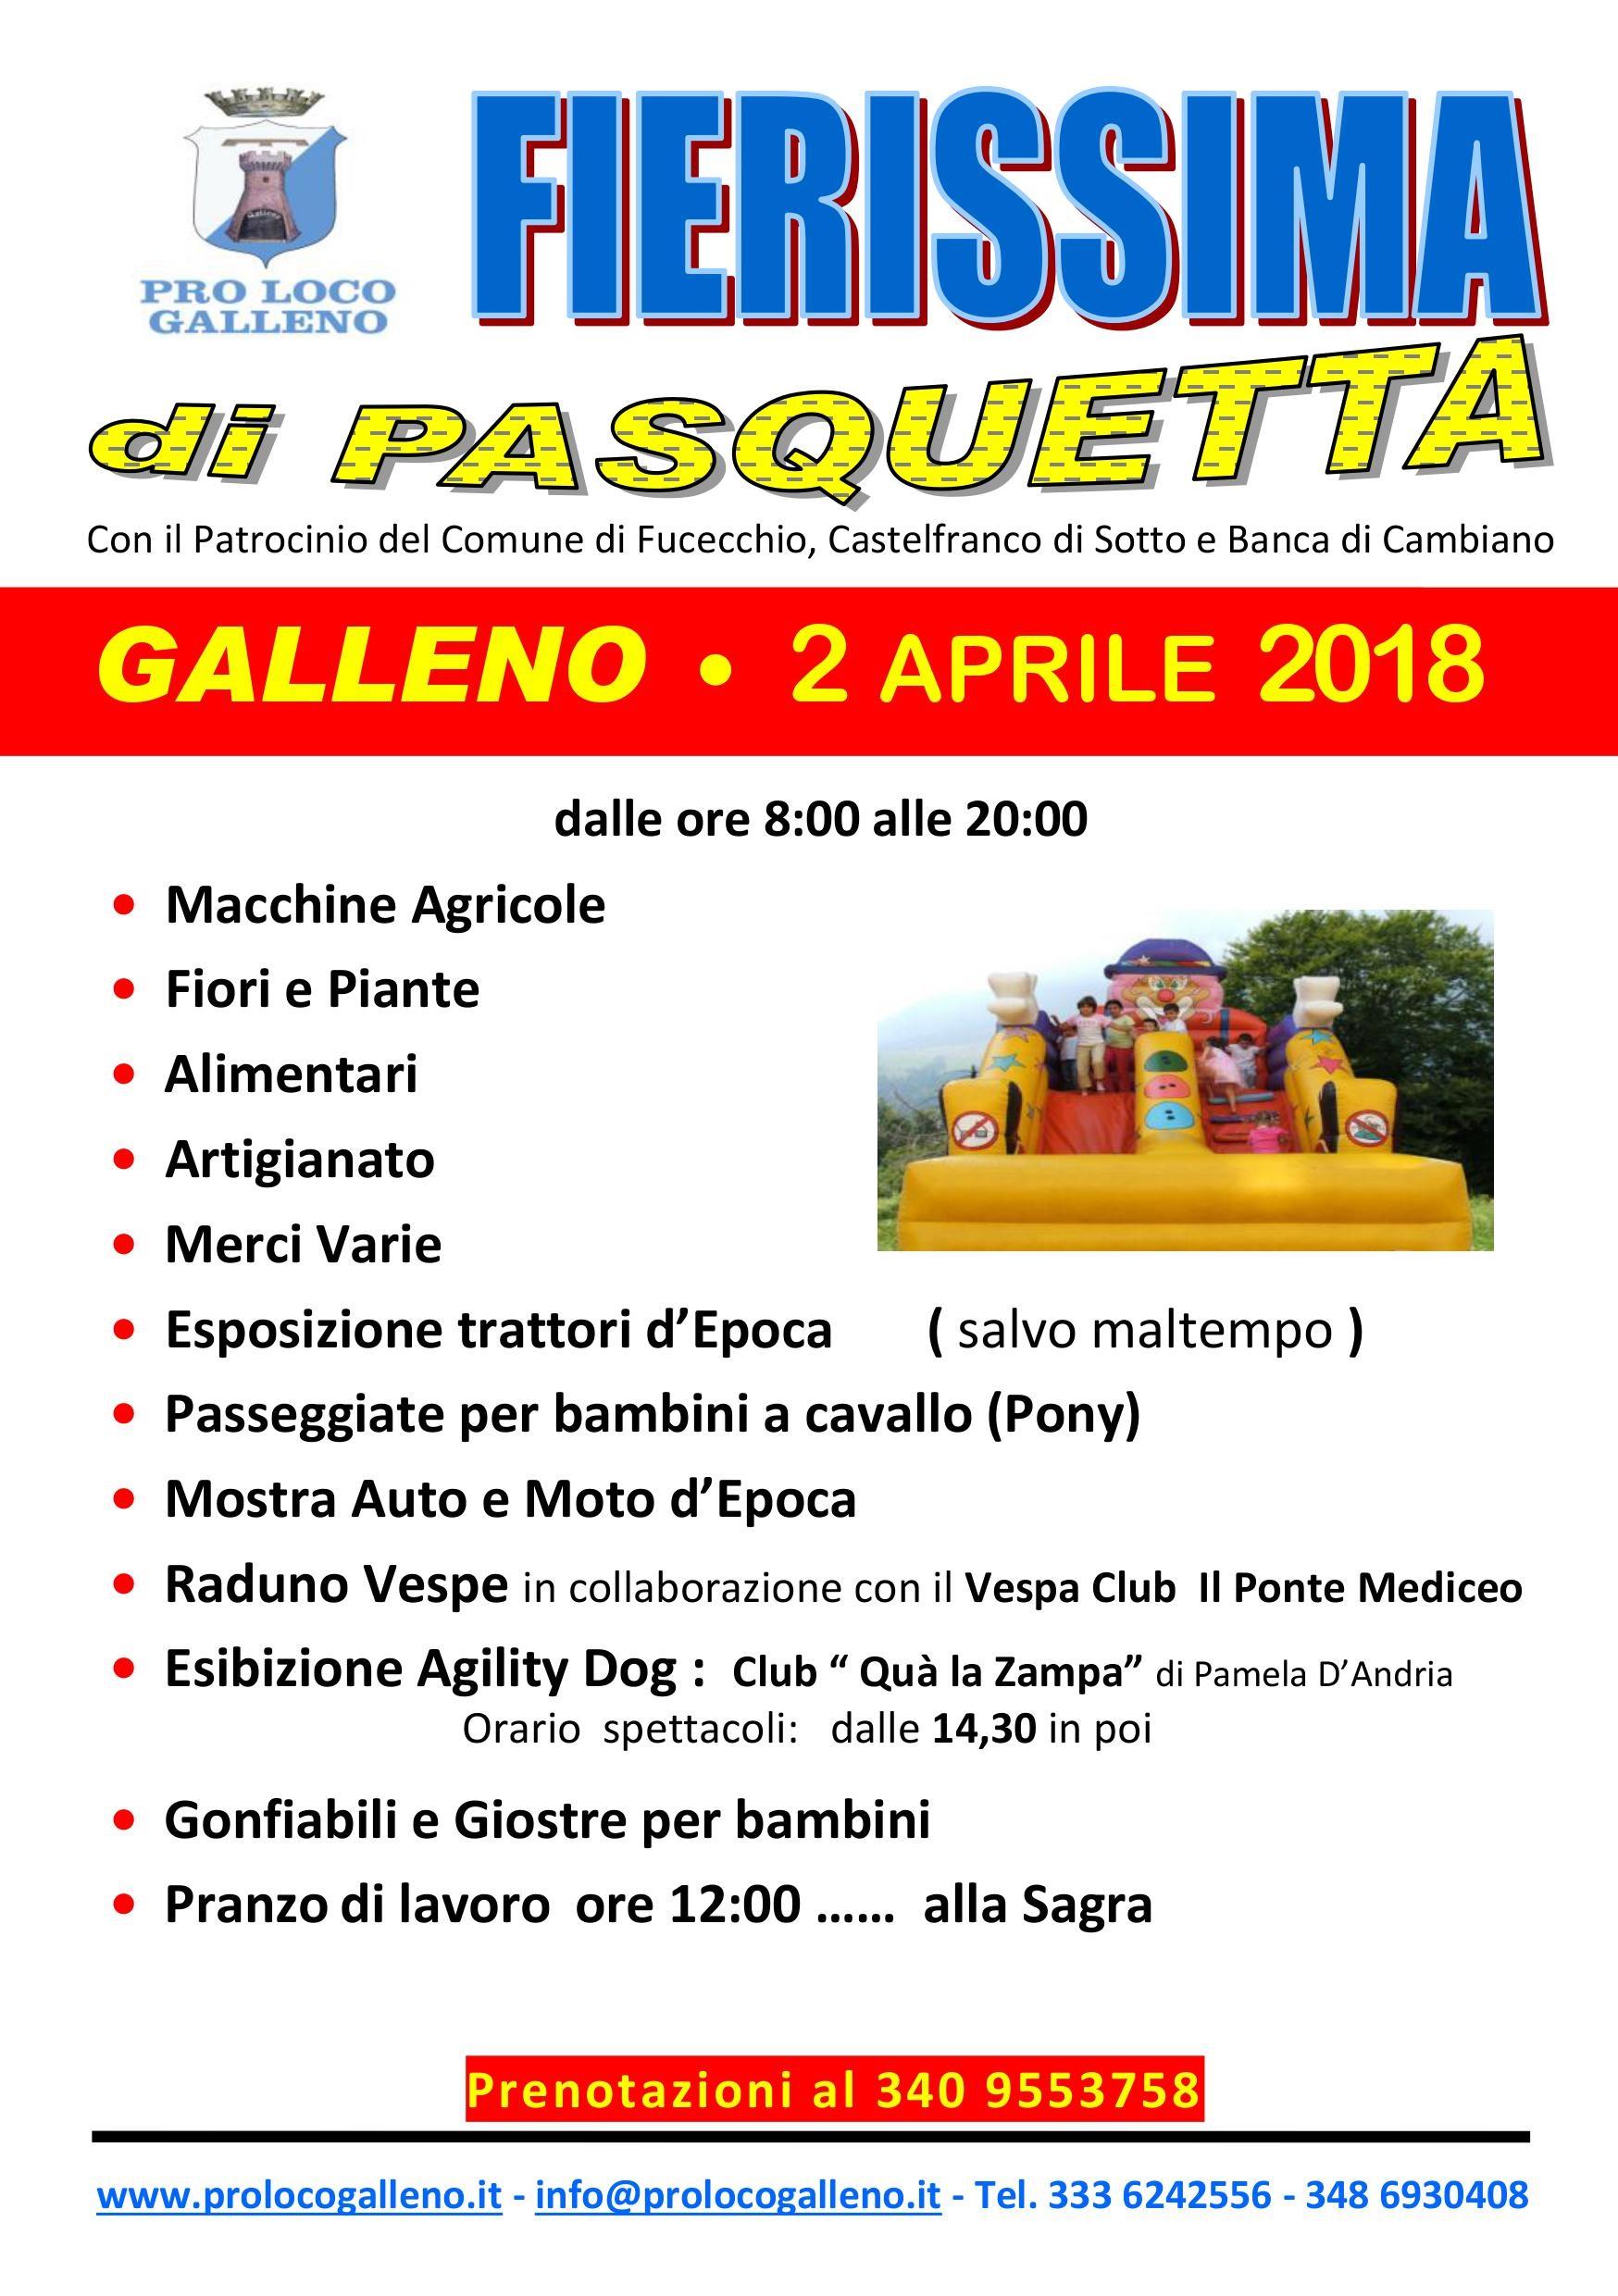 La Fierissima di Pasquetta 2018 a Galleno